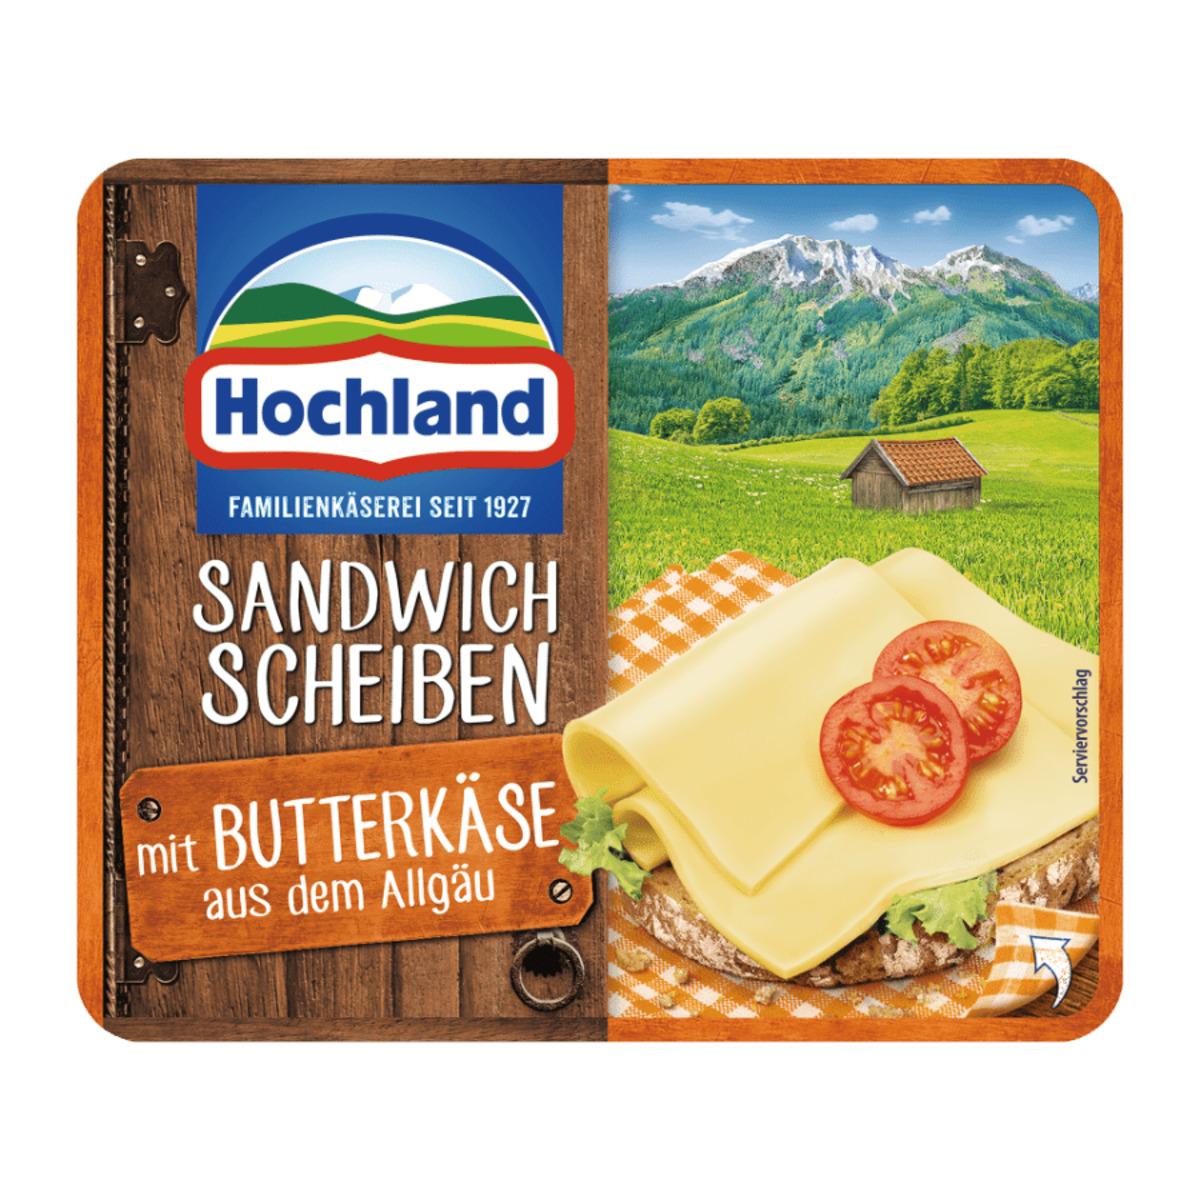 Bild 5 von Hochland Sandwich Scheiben